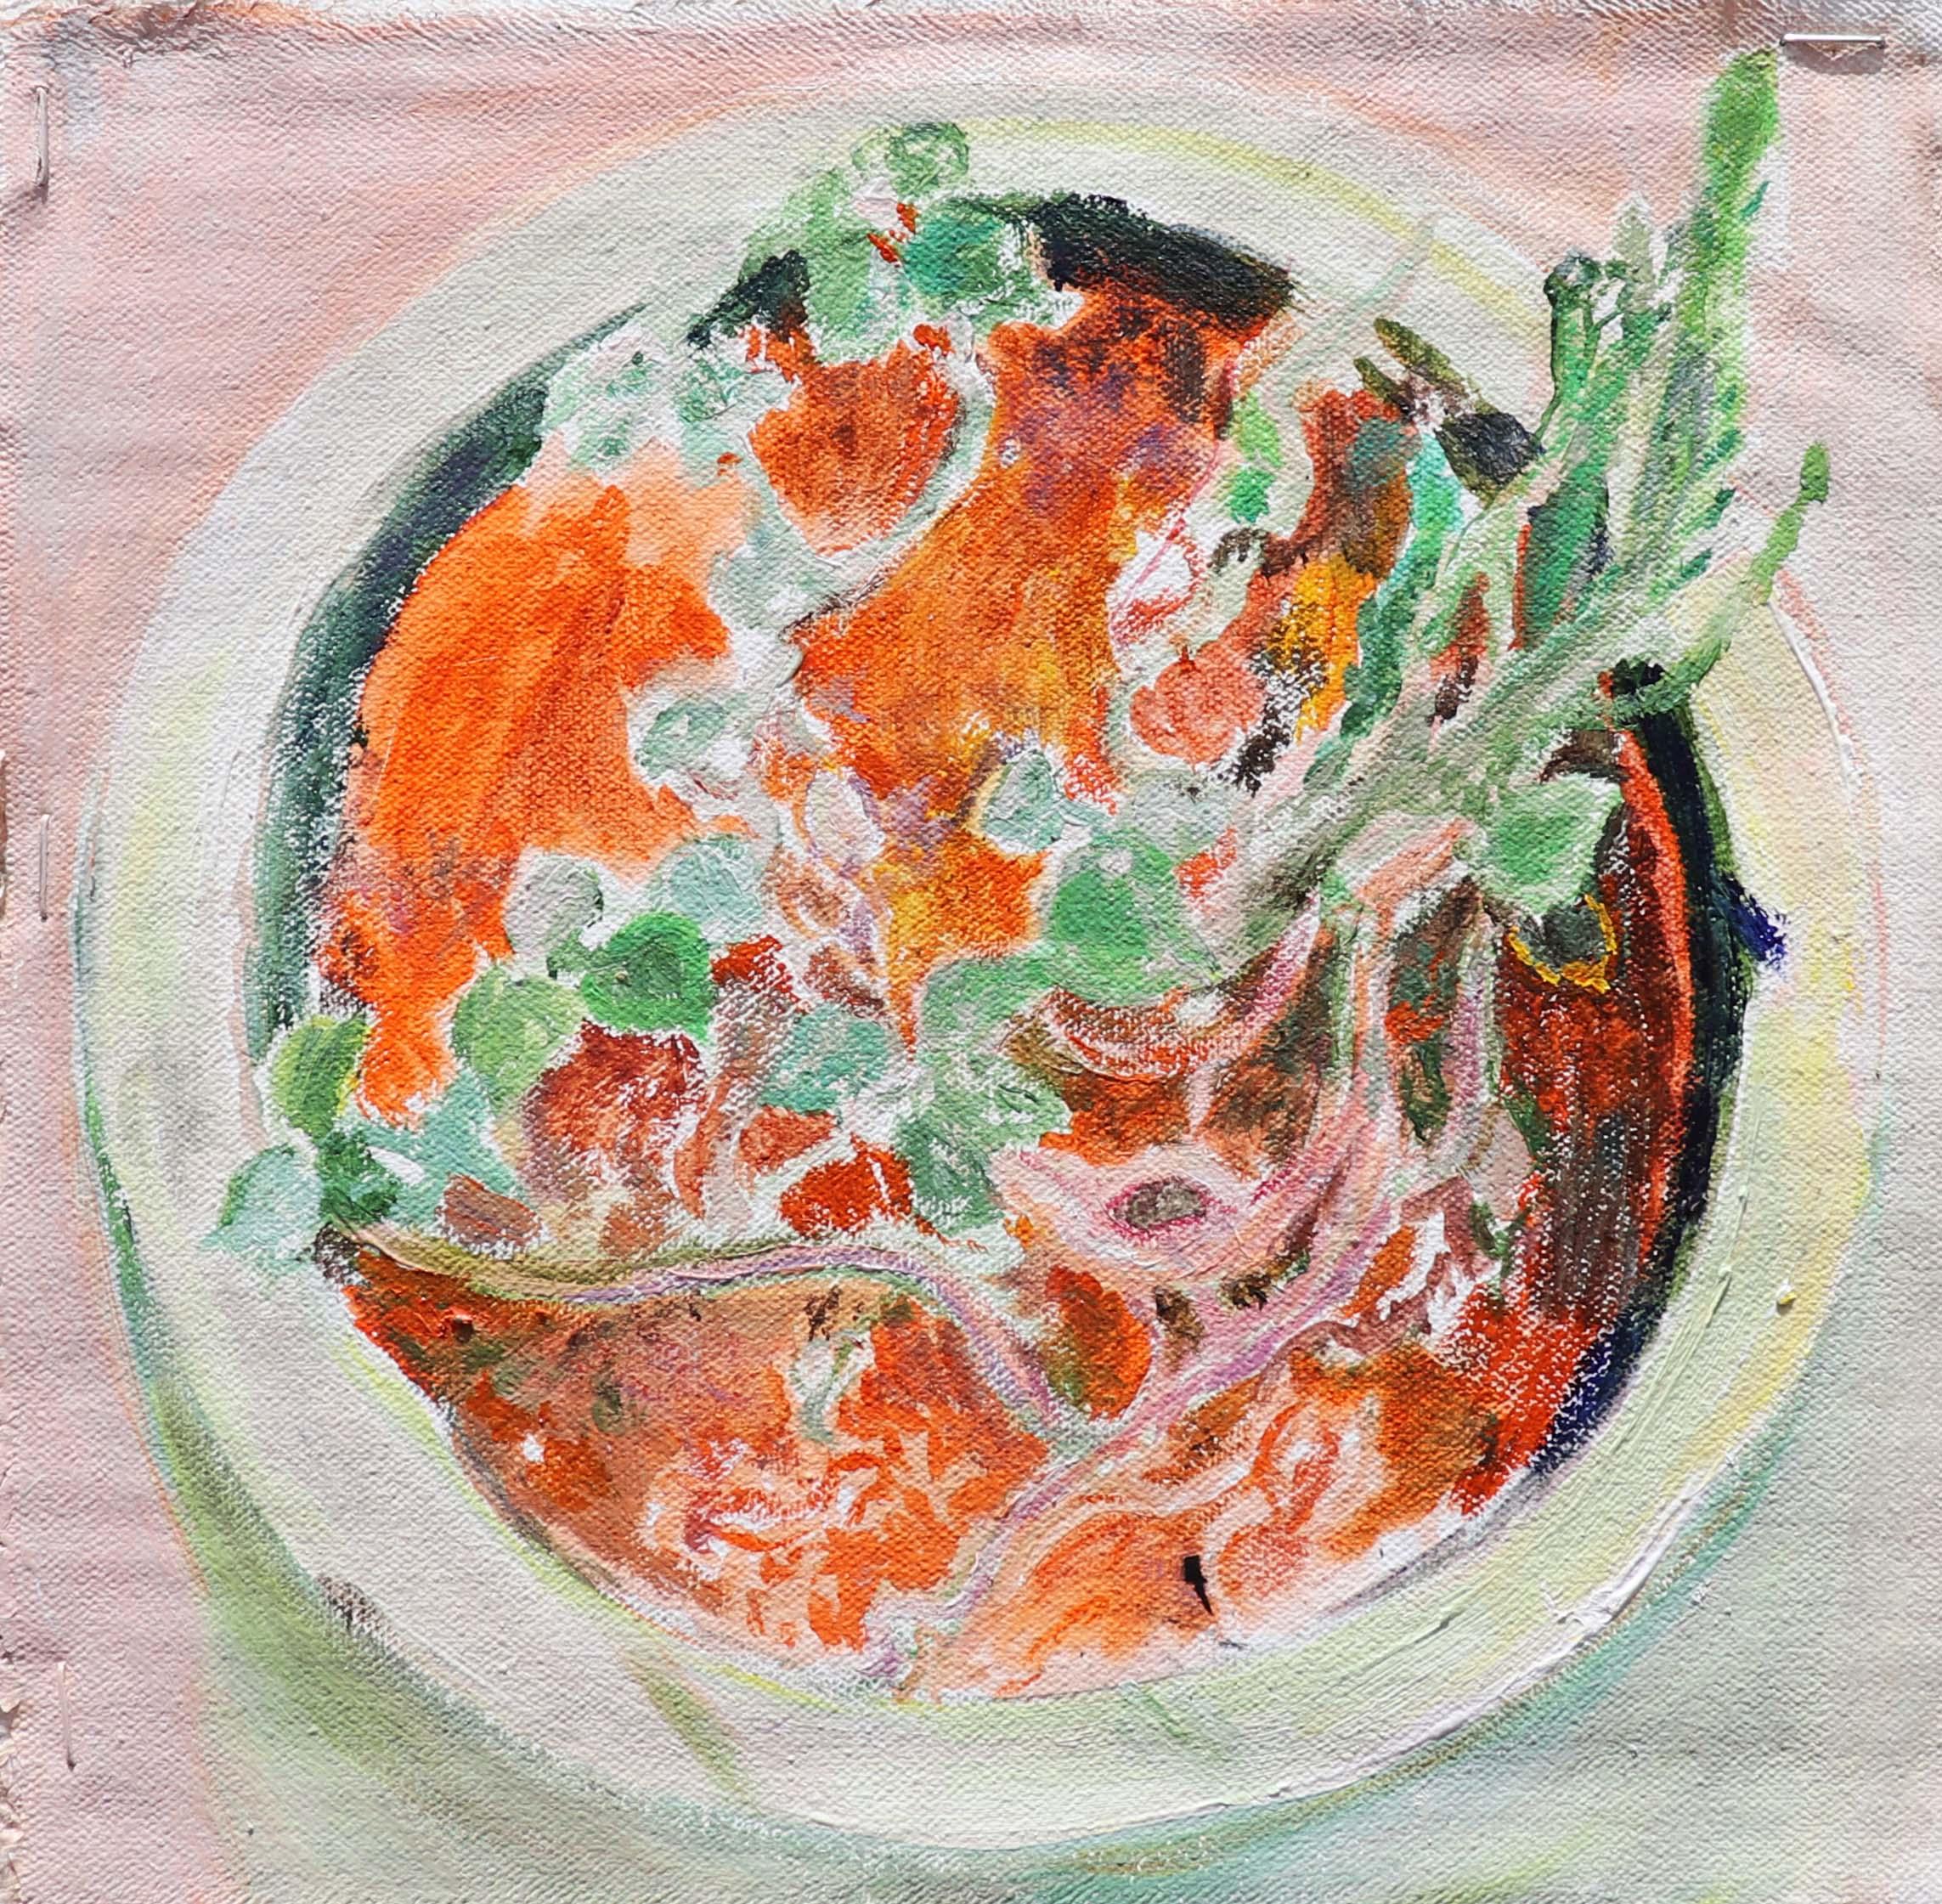 Eliska Fialova, Flowerpot 1, Acrylic on canvas, 30 x 30 cm, 2016